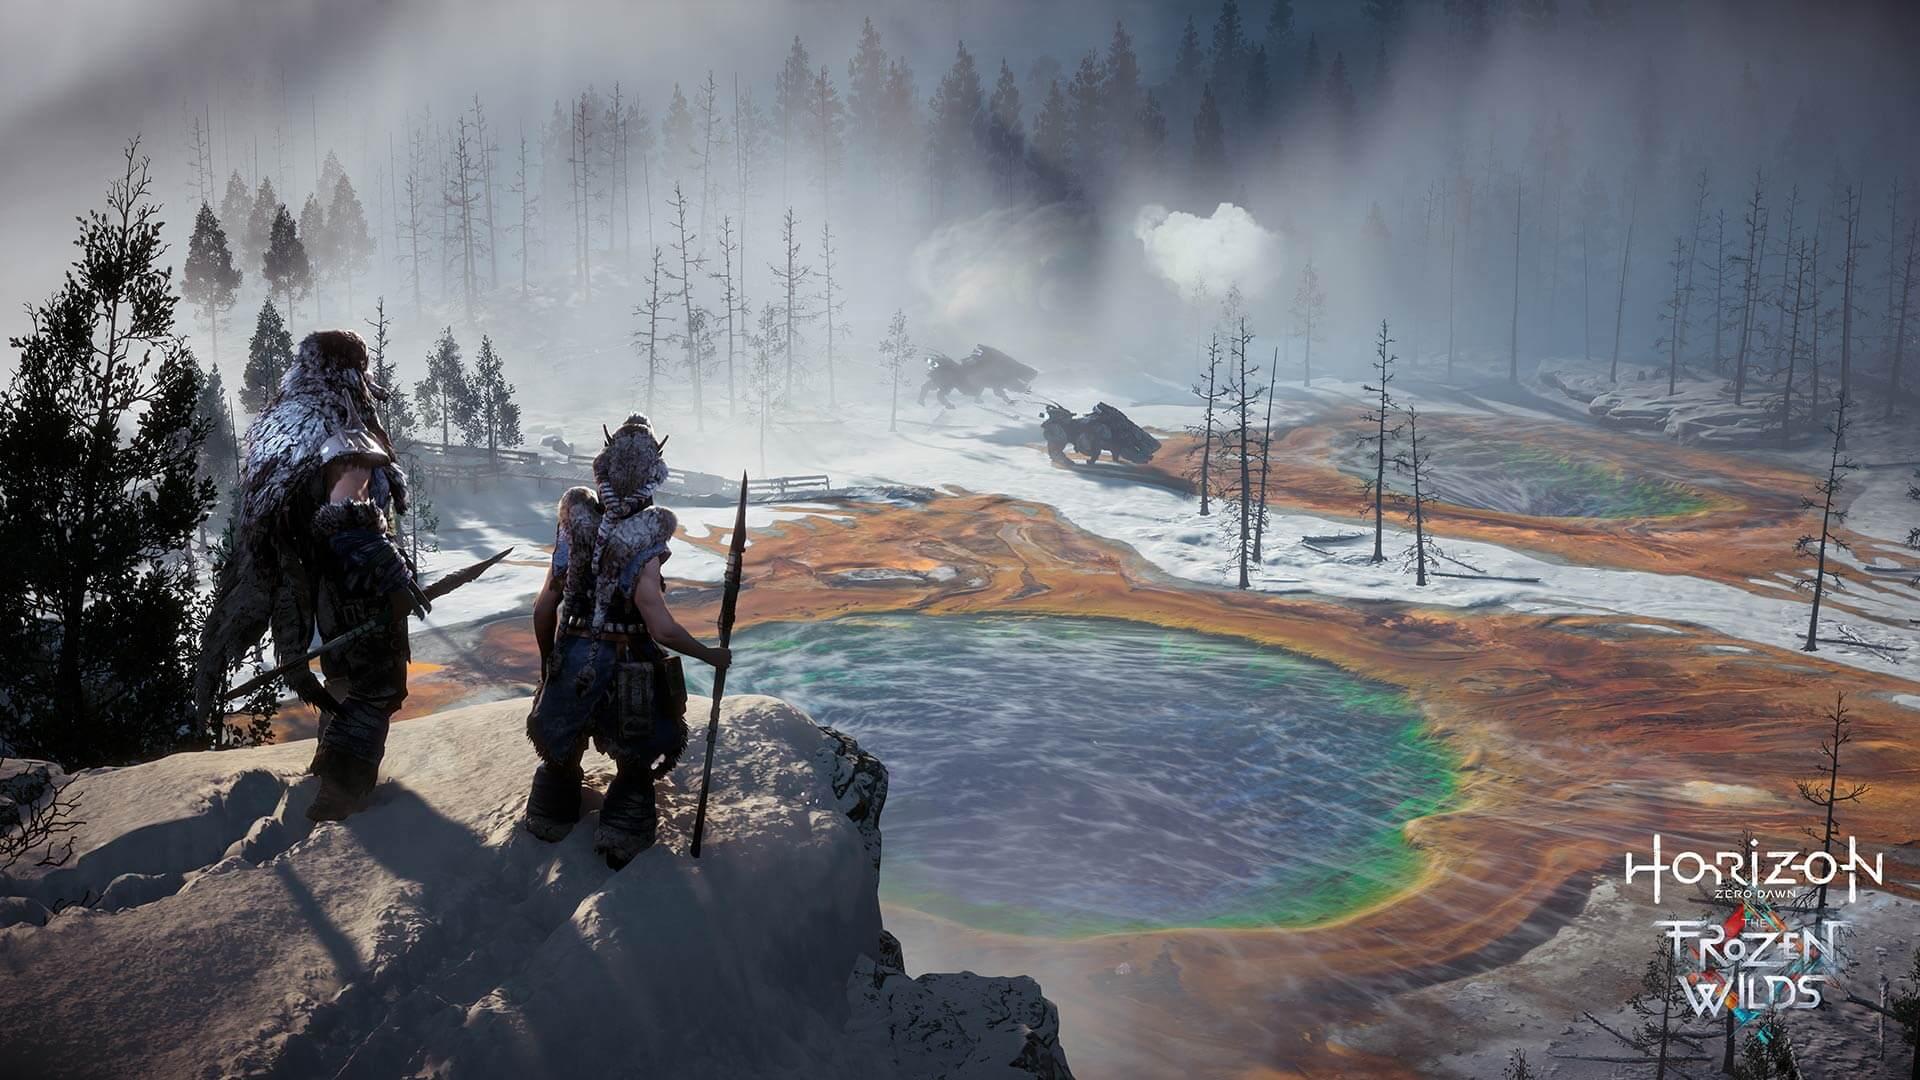 Horizon Zero Dawn The Frozen Wilds Excited Featured Image